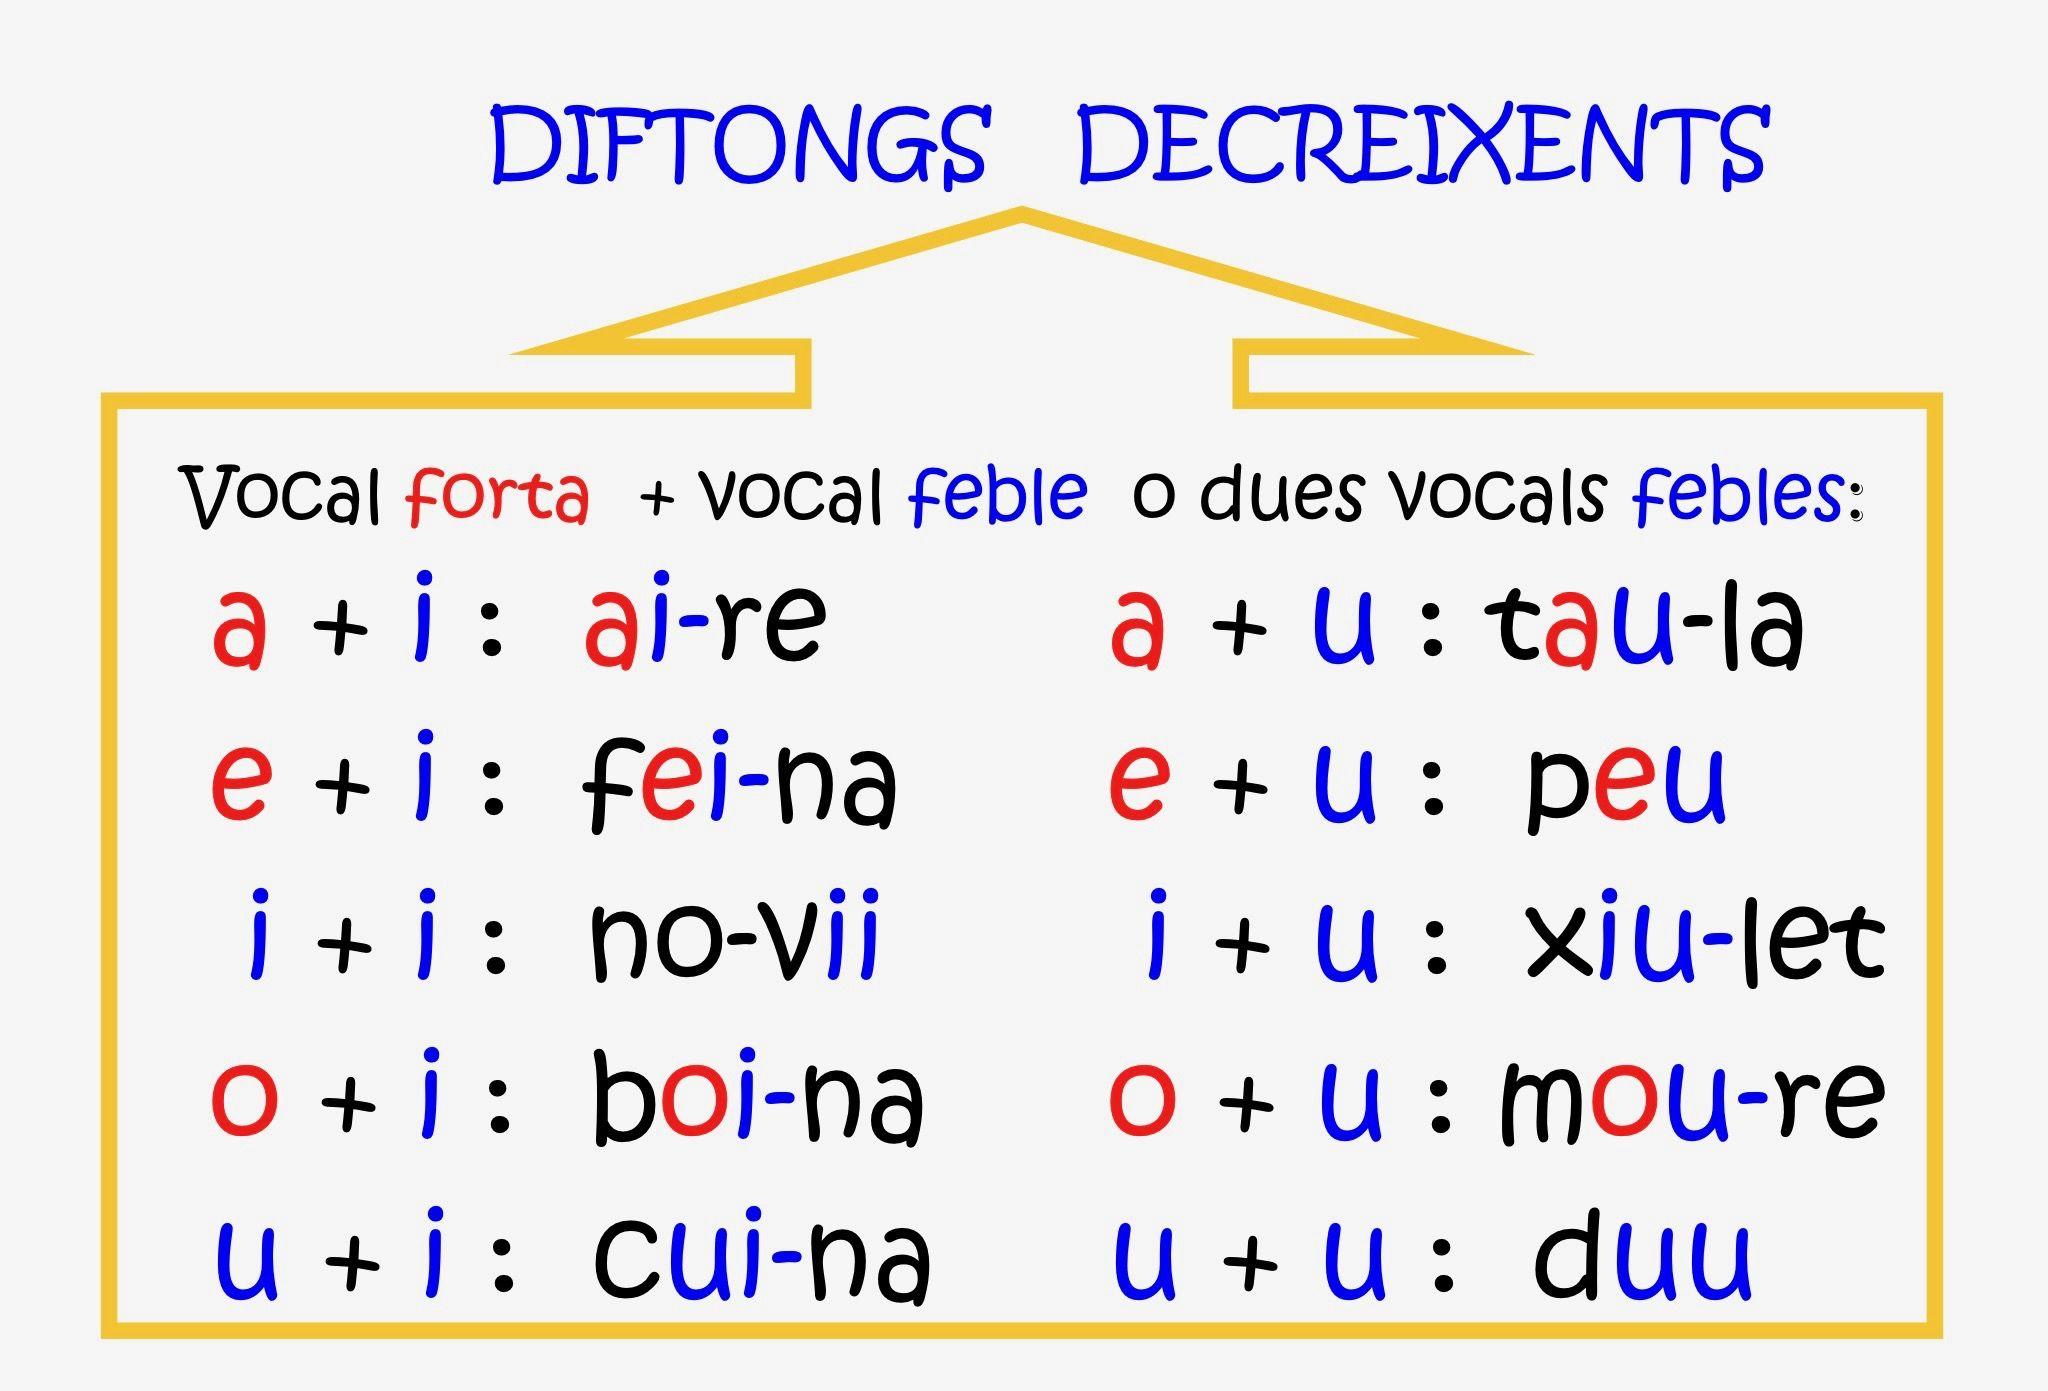 Diftongs decreixents | Ortografia catalana, Leer y ...